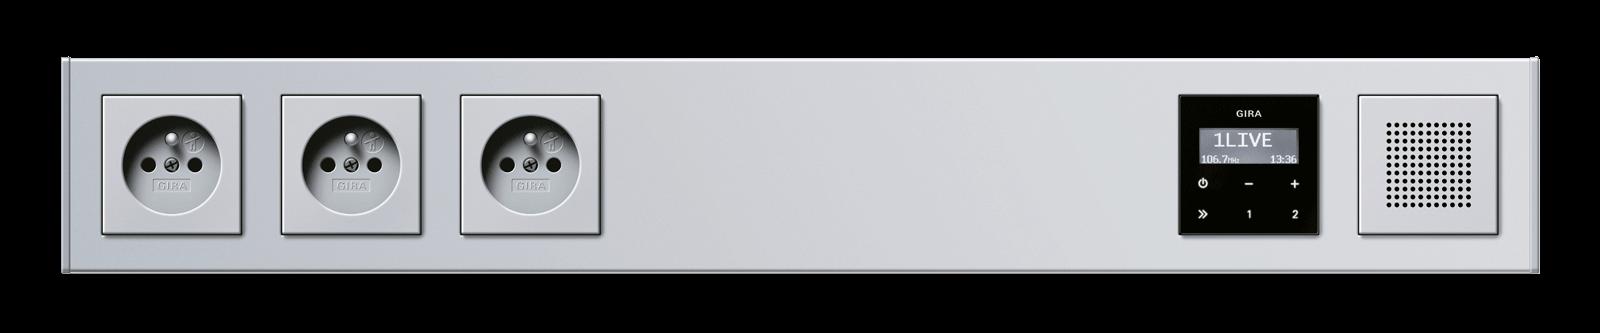 Zu Wenig Steckdosen Im Haus In 2020 Kabelanschluss Gira Schalter Schalterprogramm